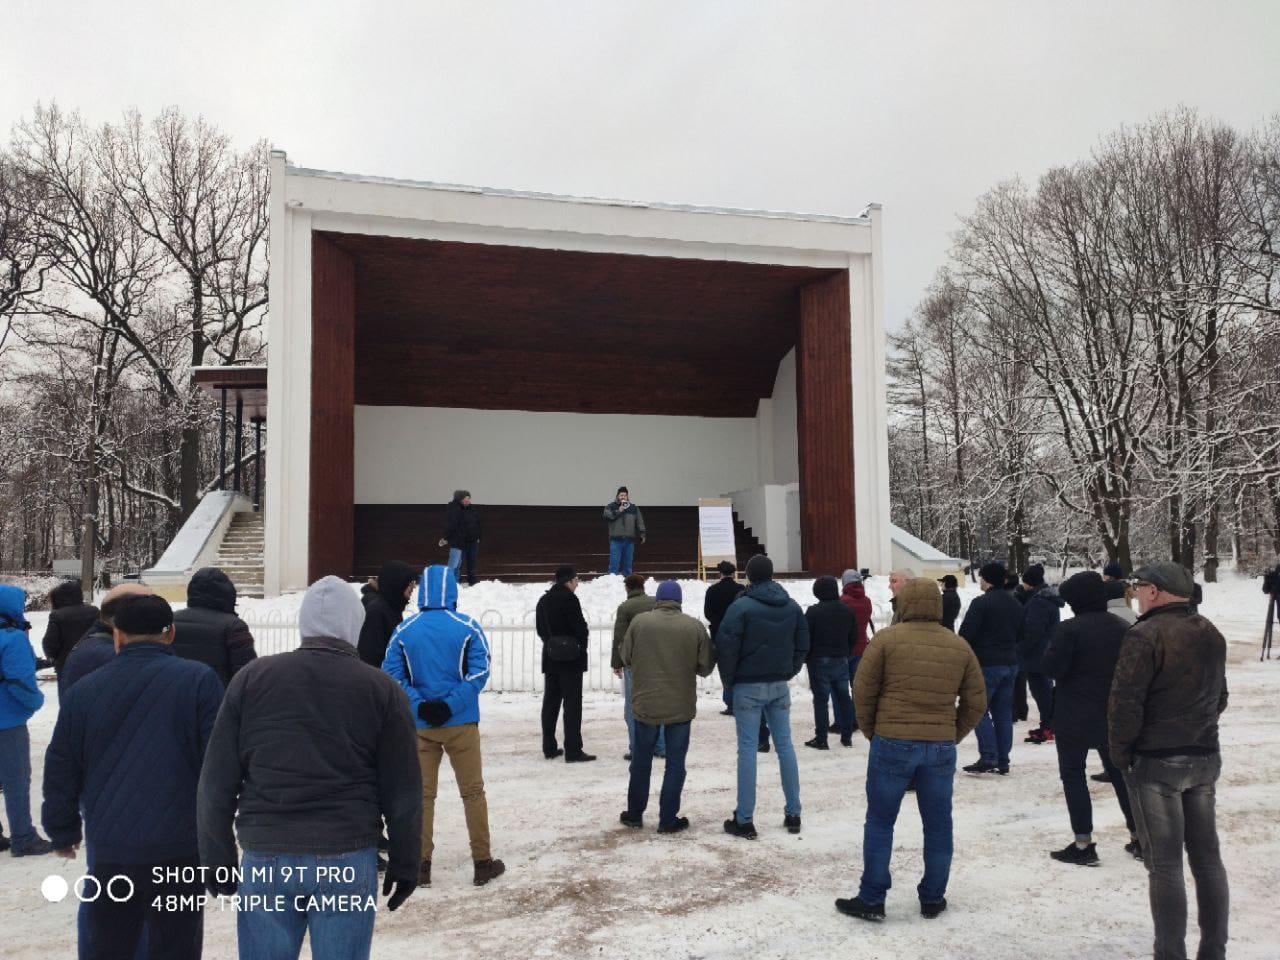 Однаиз протестныхвстреч прошла на этой неделе вСанкт-Петербурге и обещала собрать тысячи человек, по фактуна нее пришло от силы пара десятков